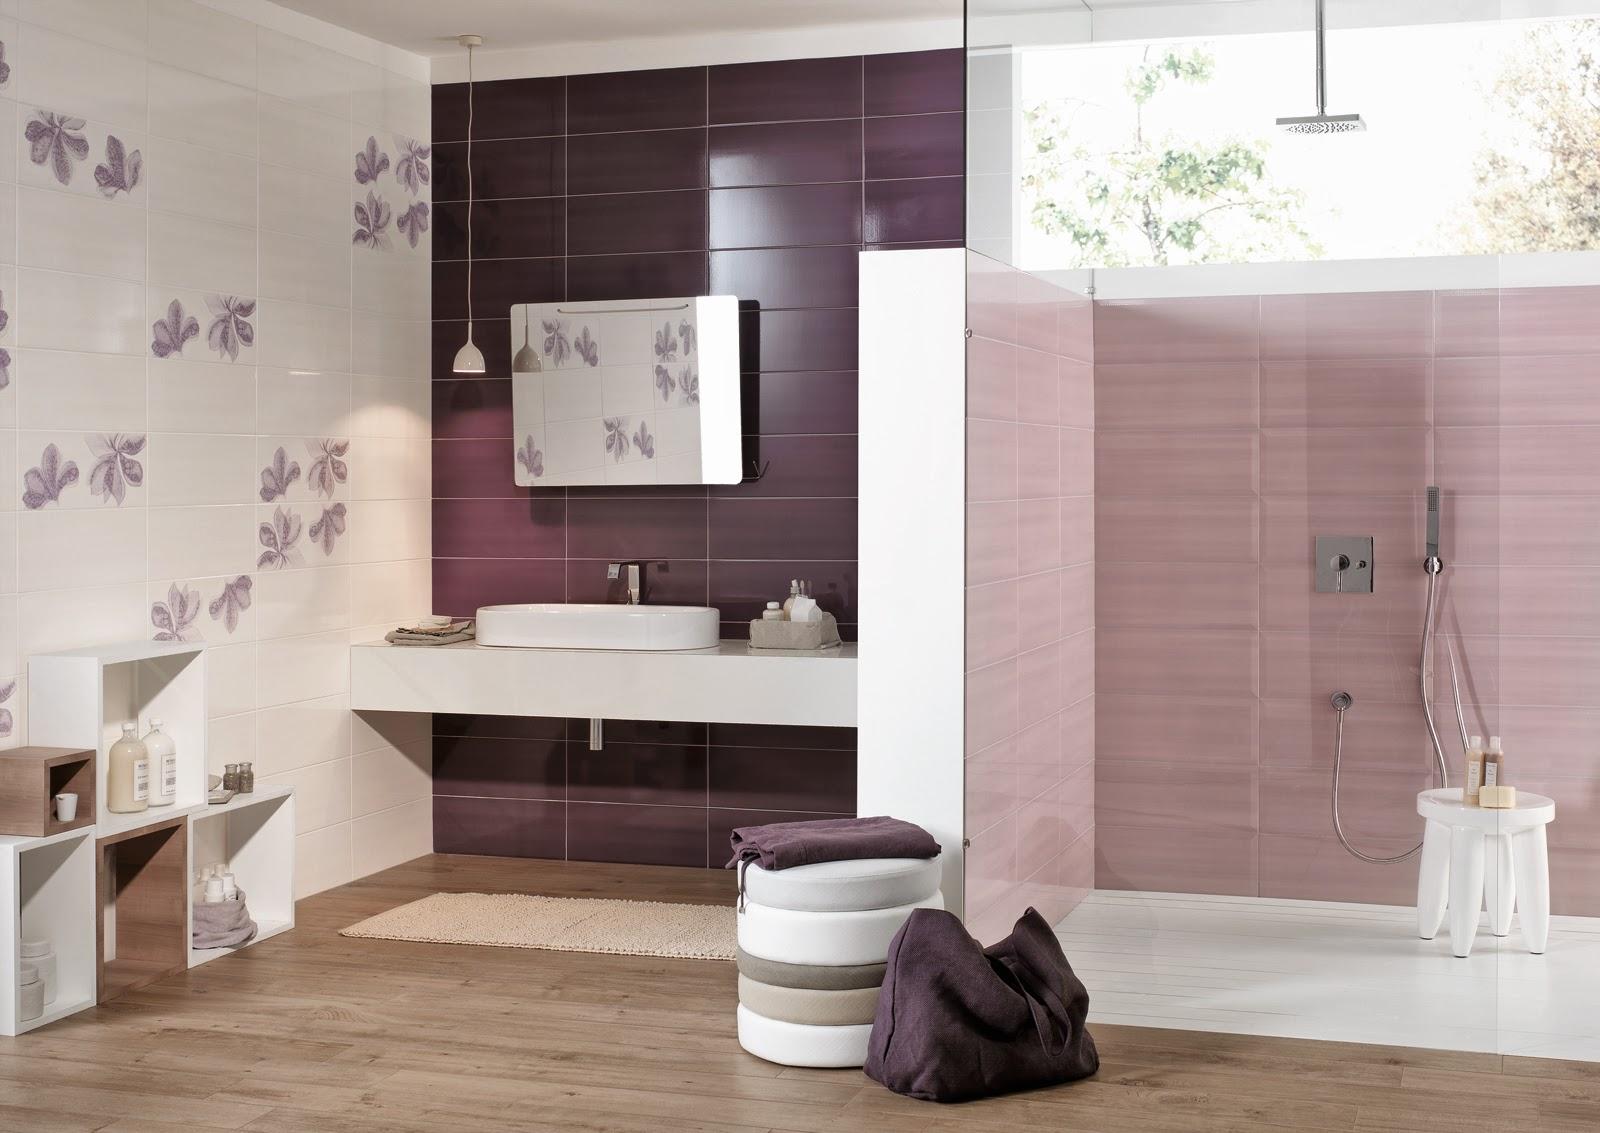 Piastrelle bagno mosaico viola mosaico bagno grigio